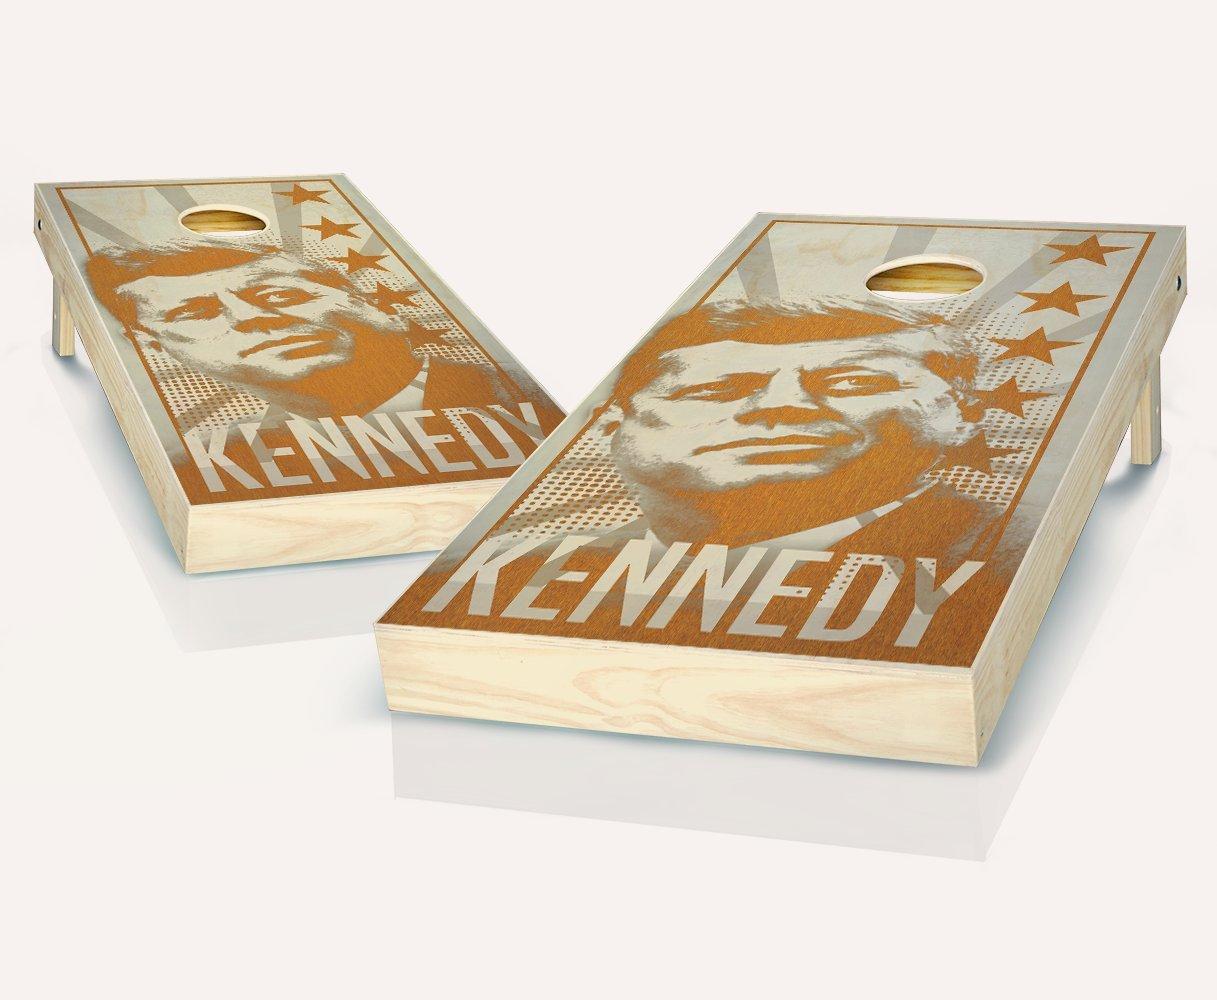 ケネディMaple Stained Cornhole Boards withのセット8 Cornhole Bags B07BH386Q2